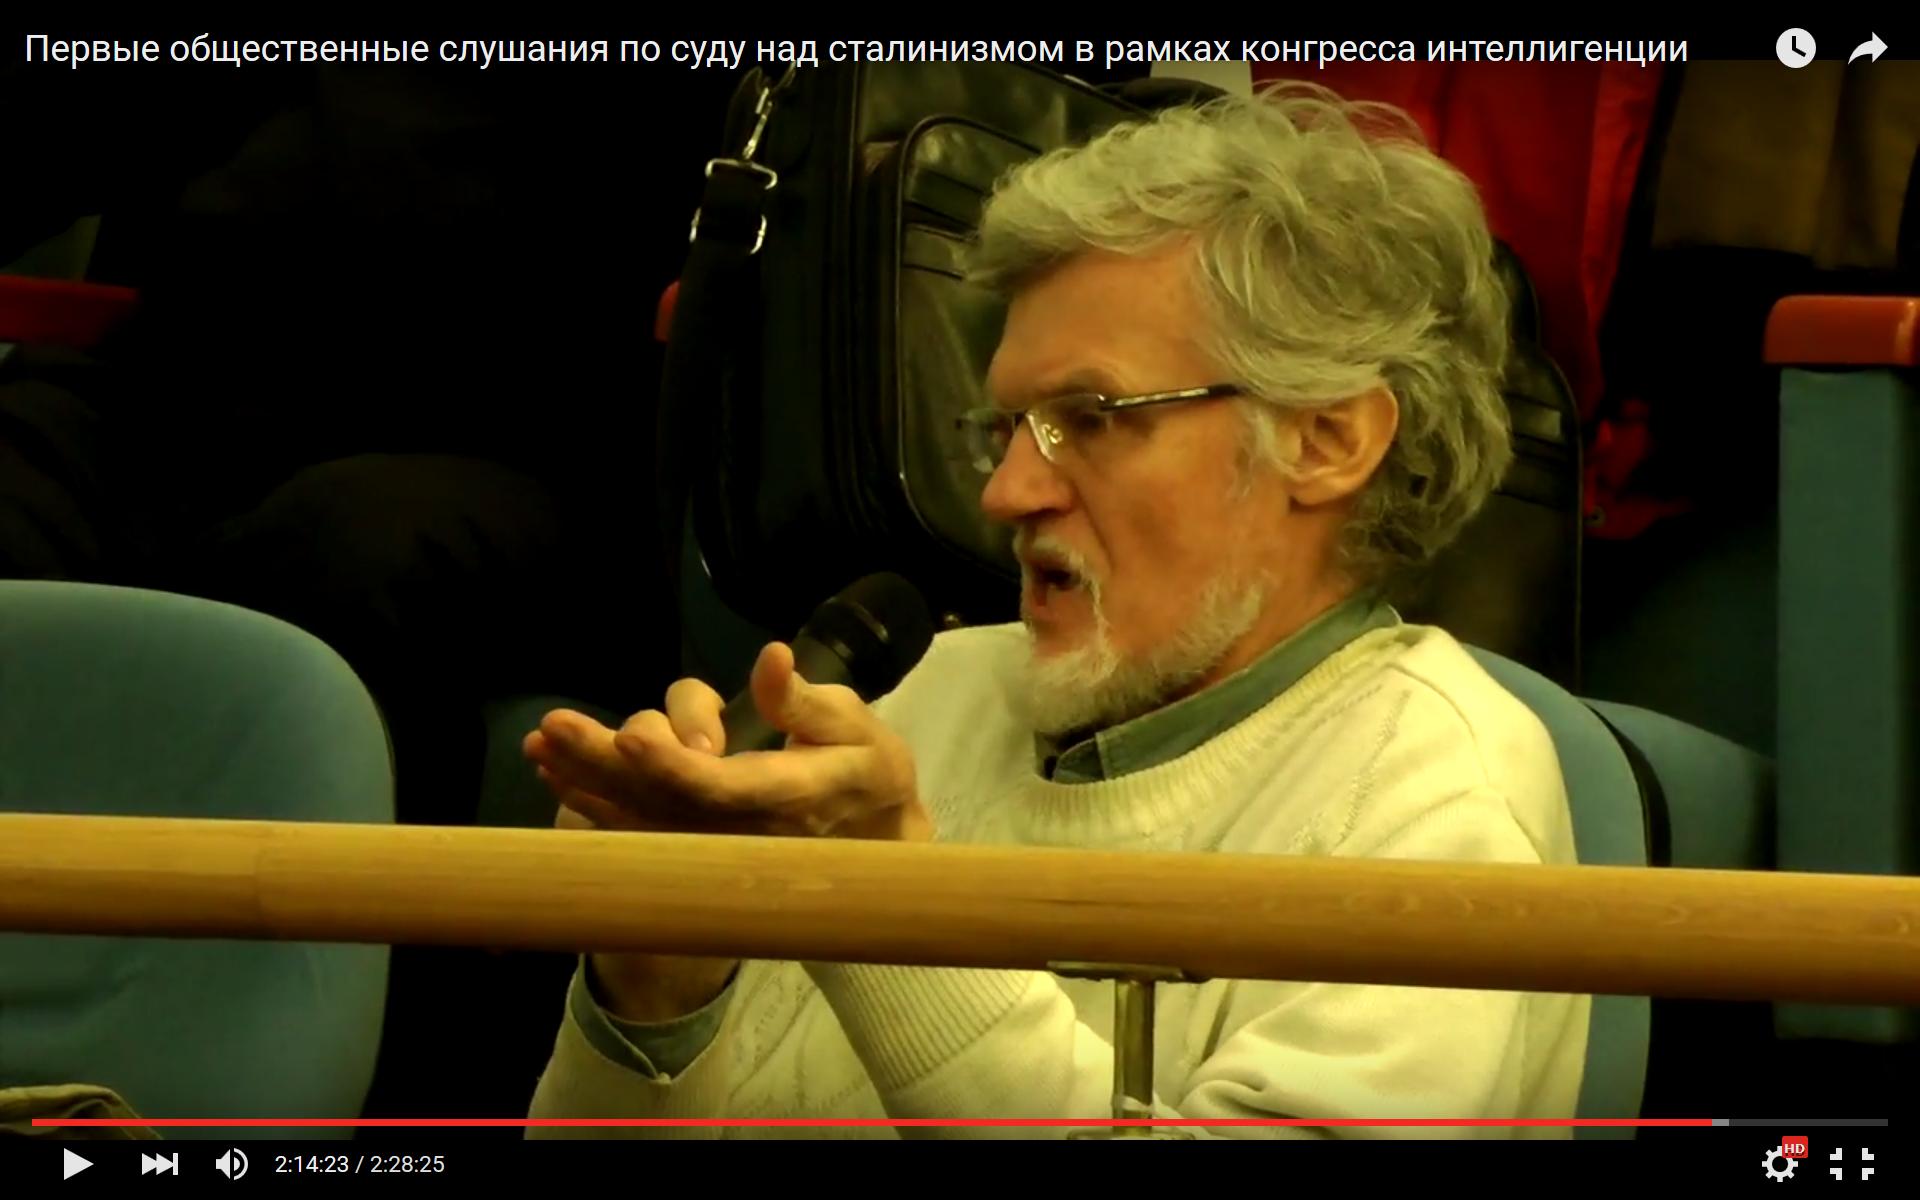 интеллигент Владимир Луков